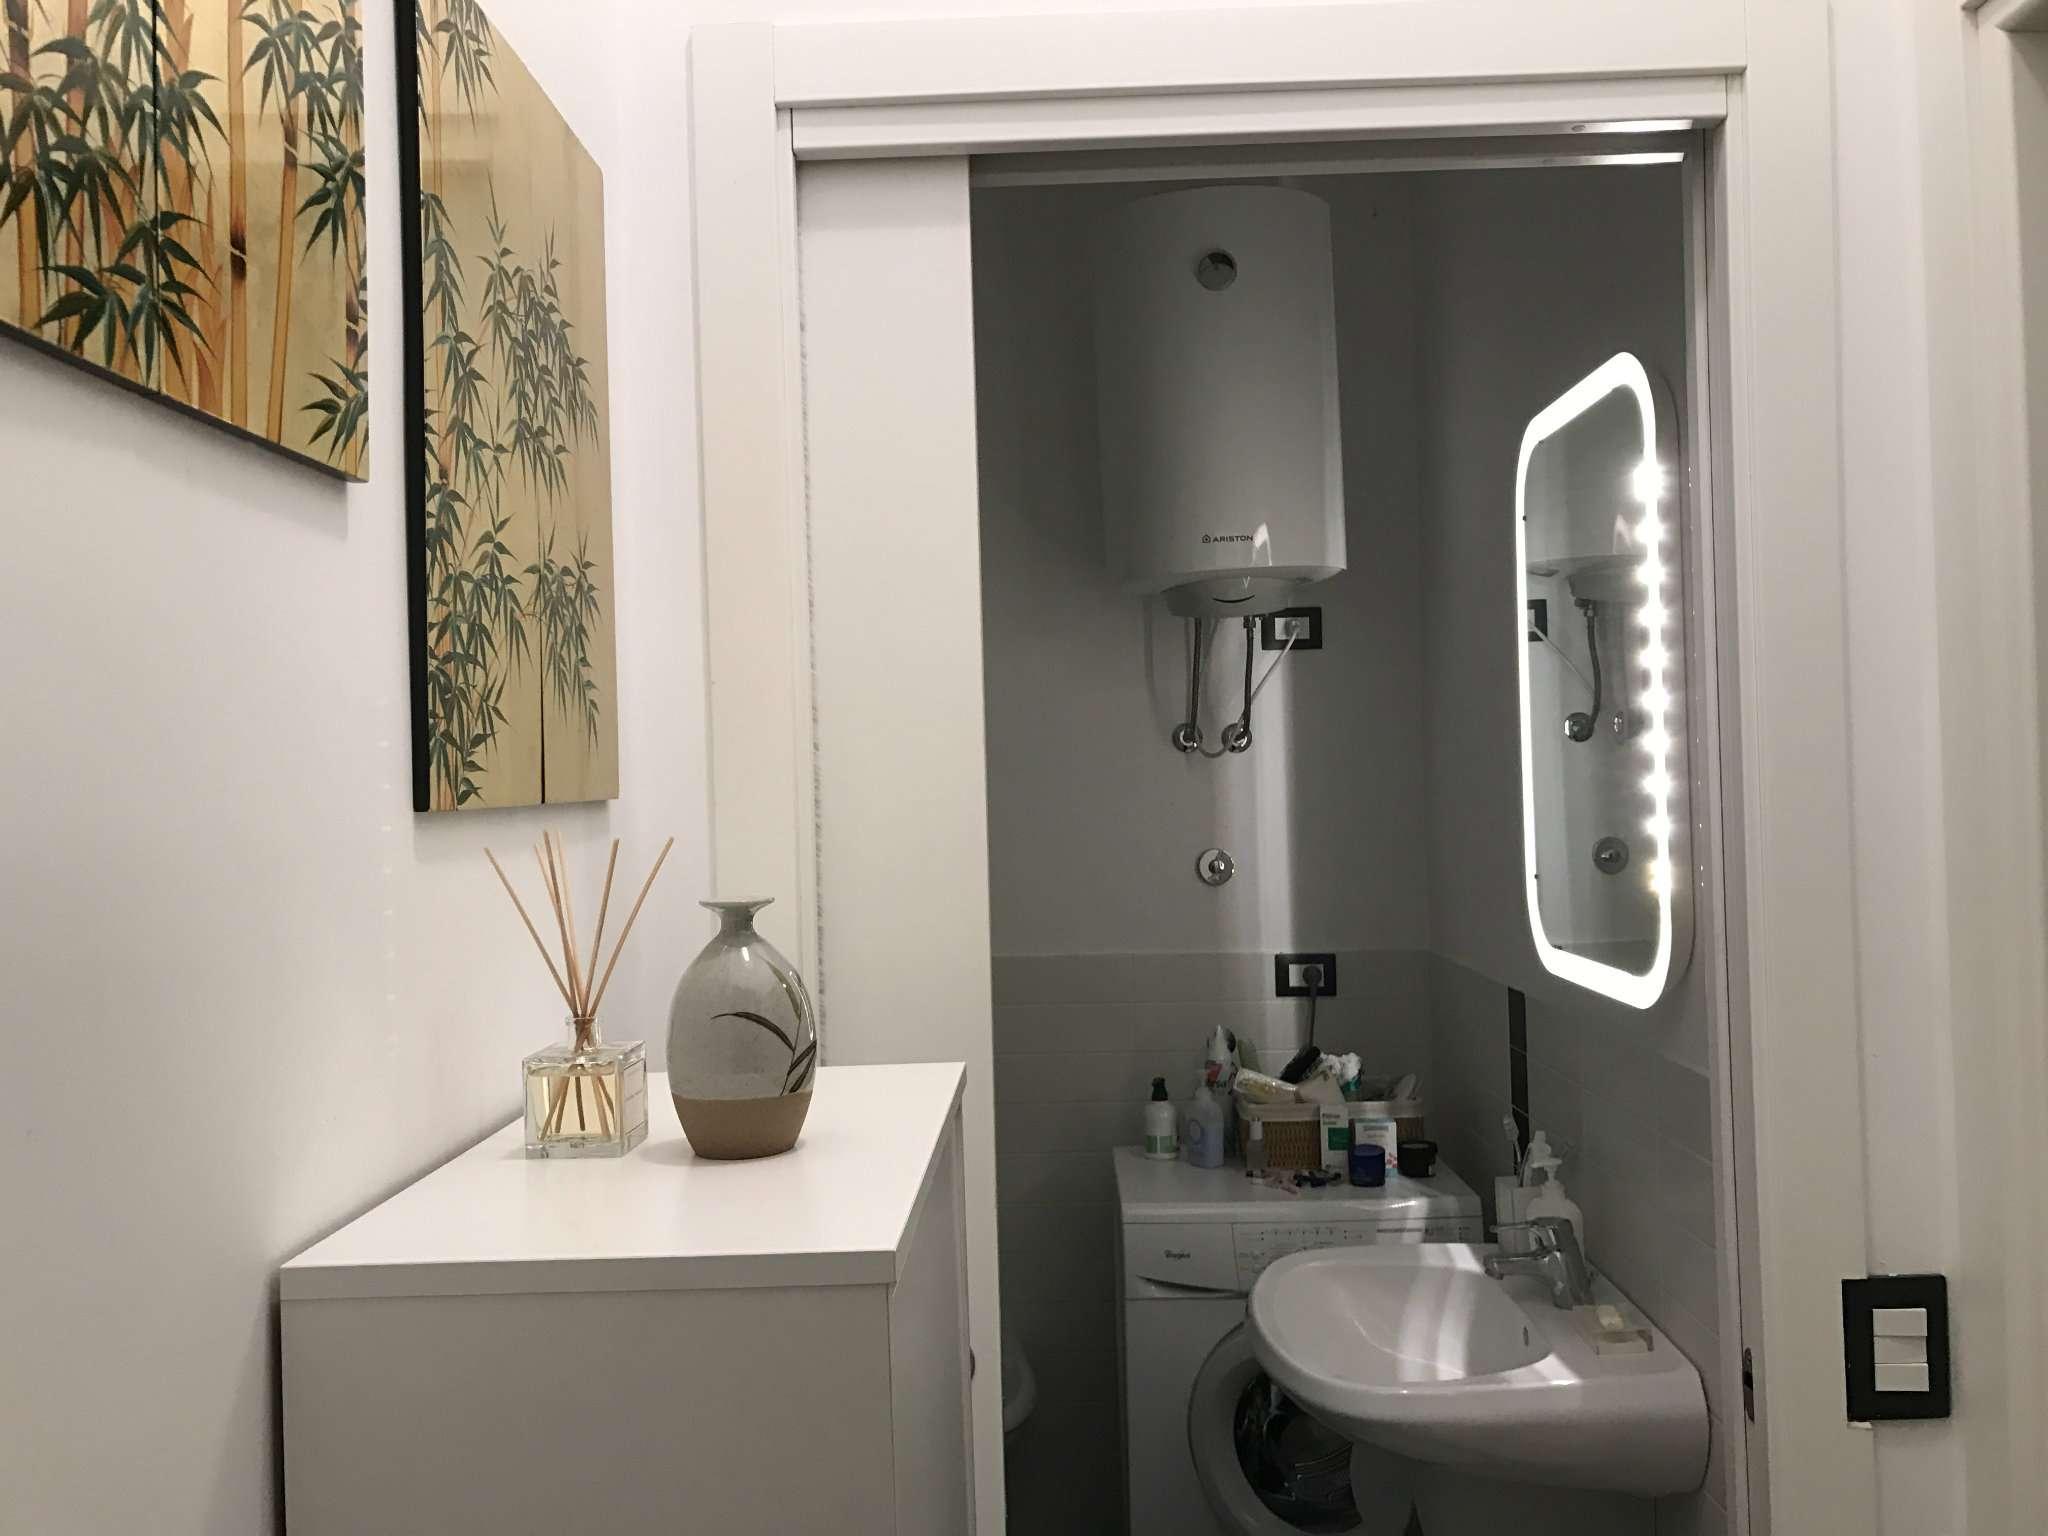 Appartamento in vendita a Milano, 2 locali, zona Zona: 8 . Bocconi, C.so Italia, Ticinese, Bligny, prezzo € 360.000 | CambioCasa.it